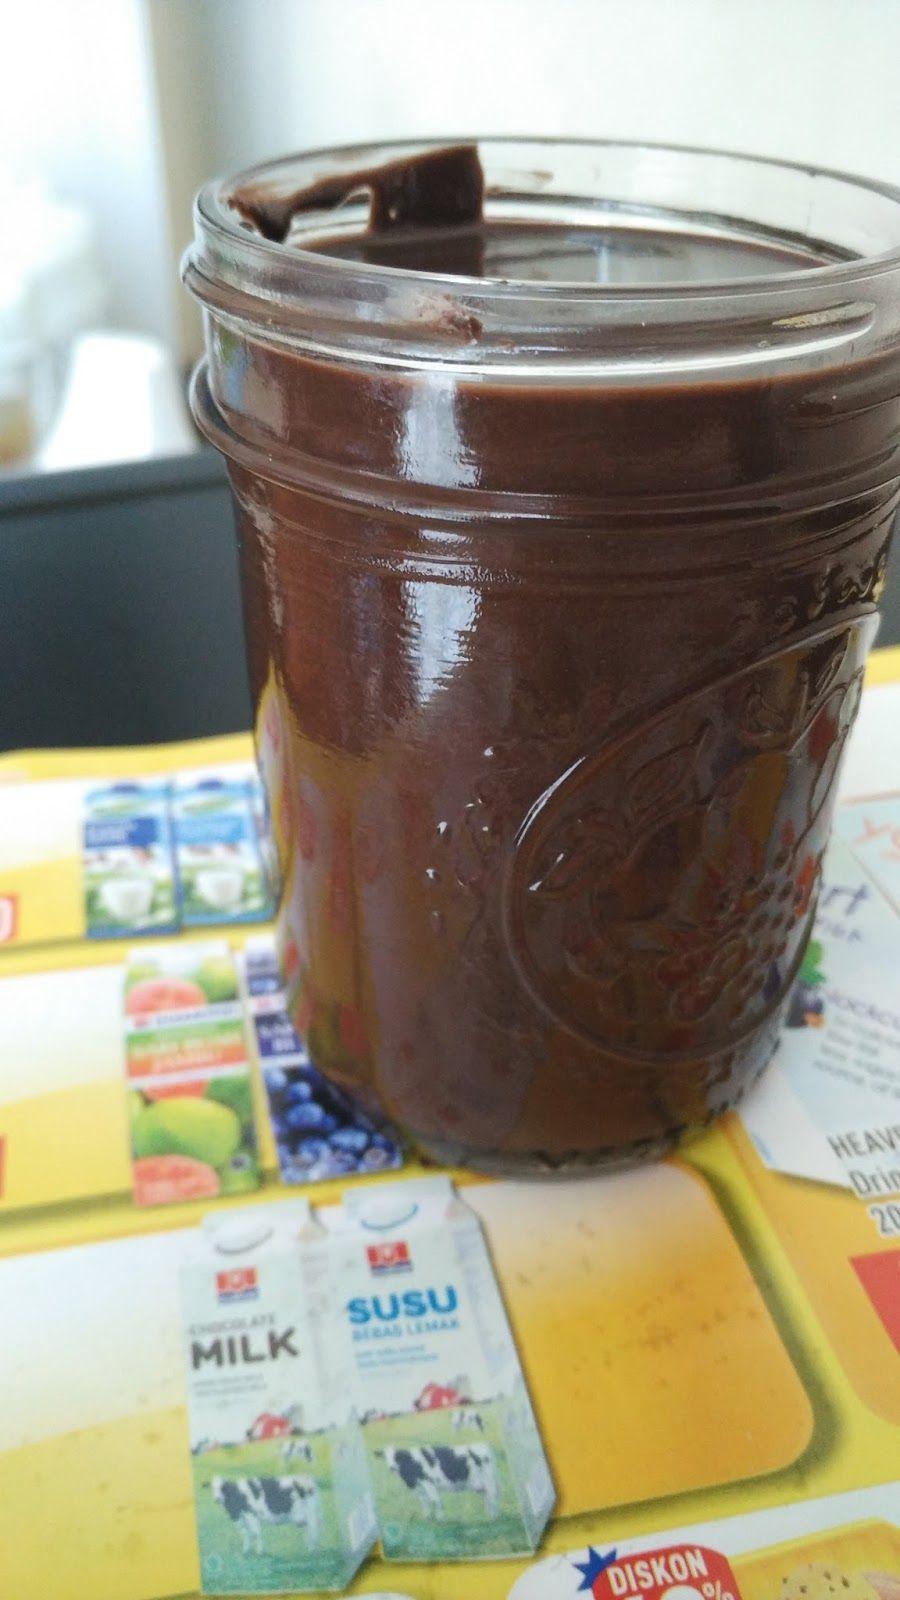 Berkreasi Di Dapur Homemade Nutella Nutella Resep Nutella Resep Biskuit